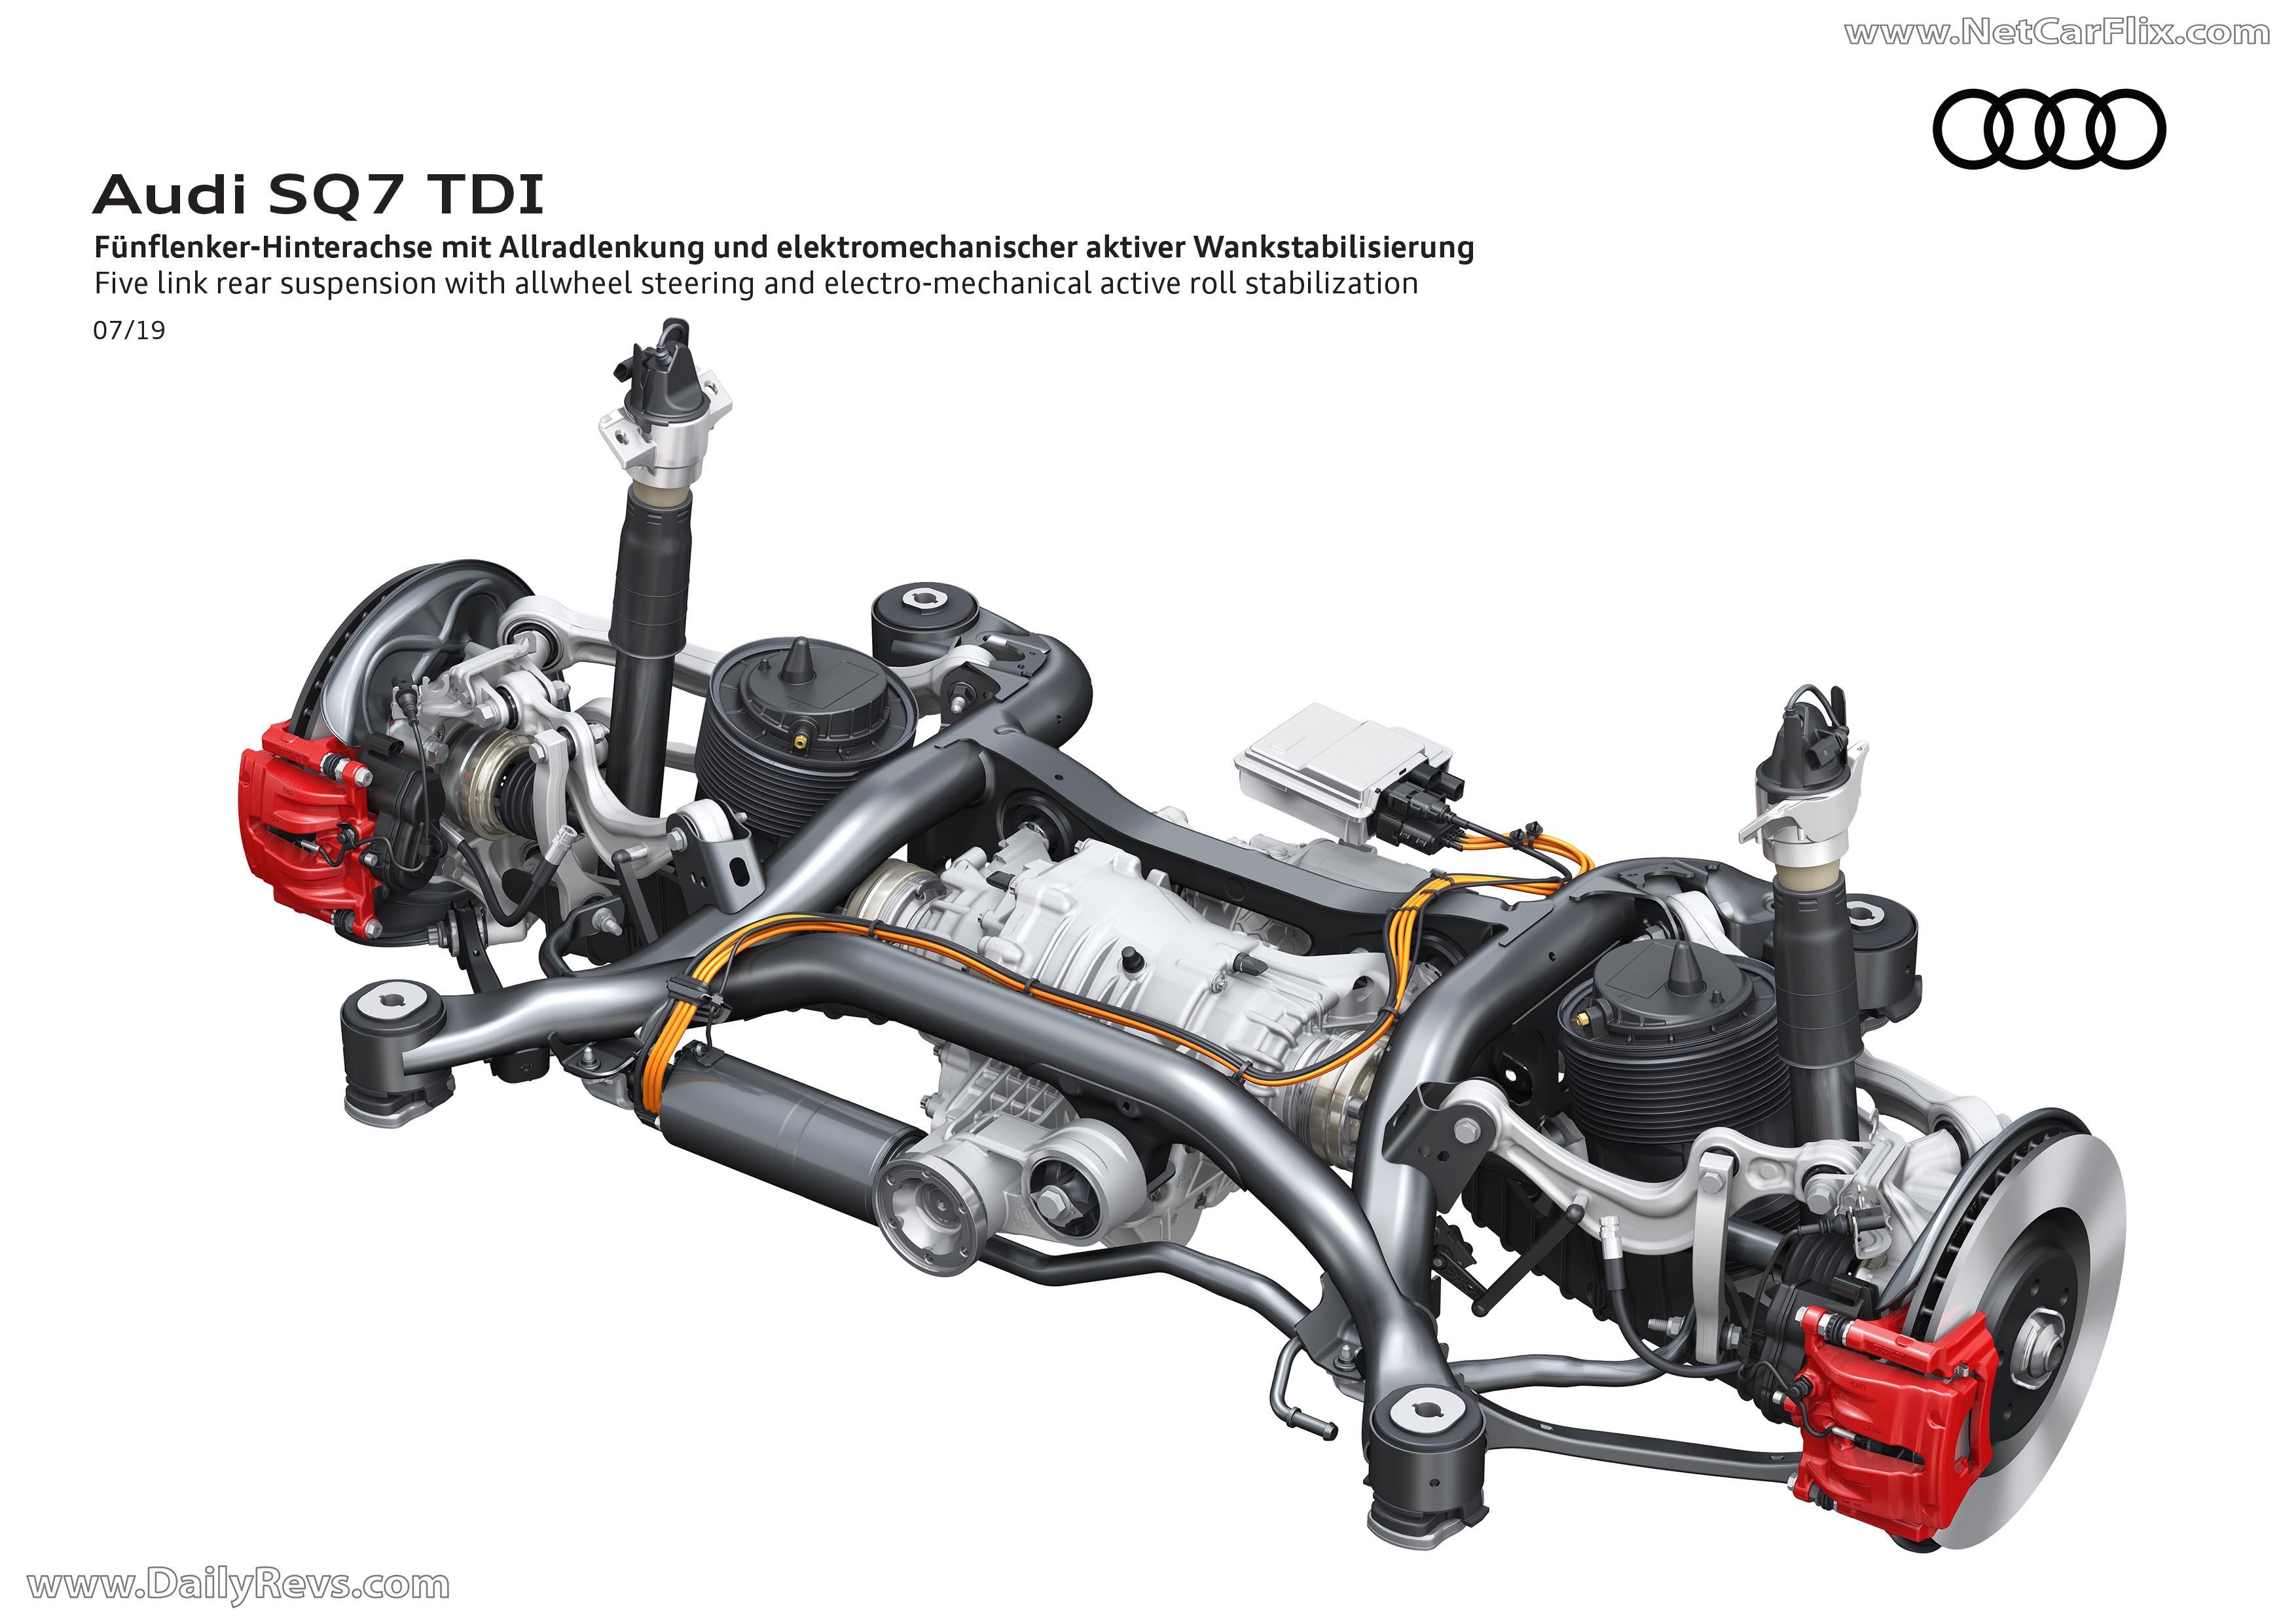 2020 Audi SQ7 TDI full